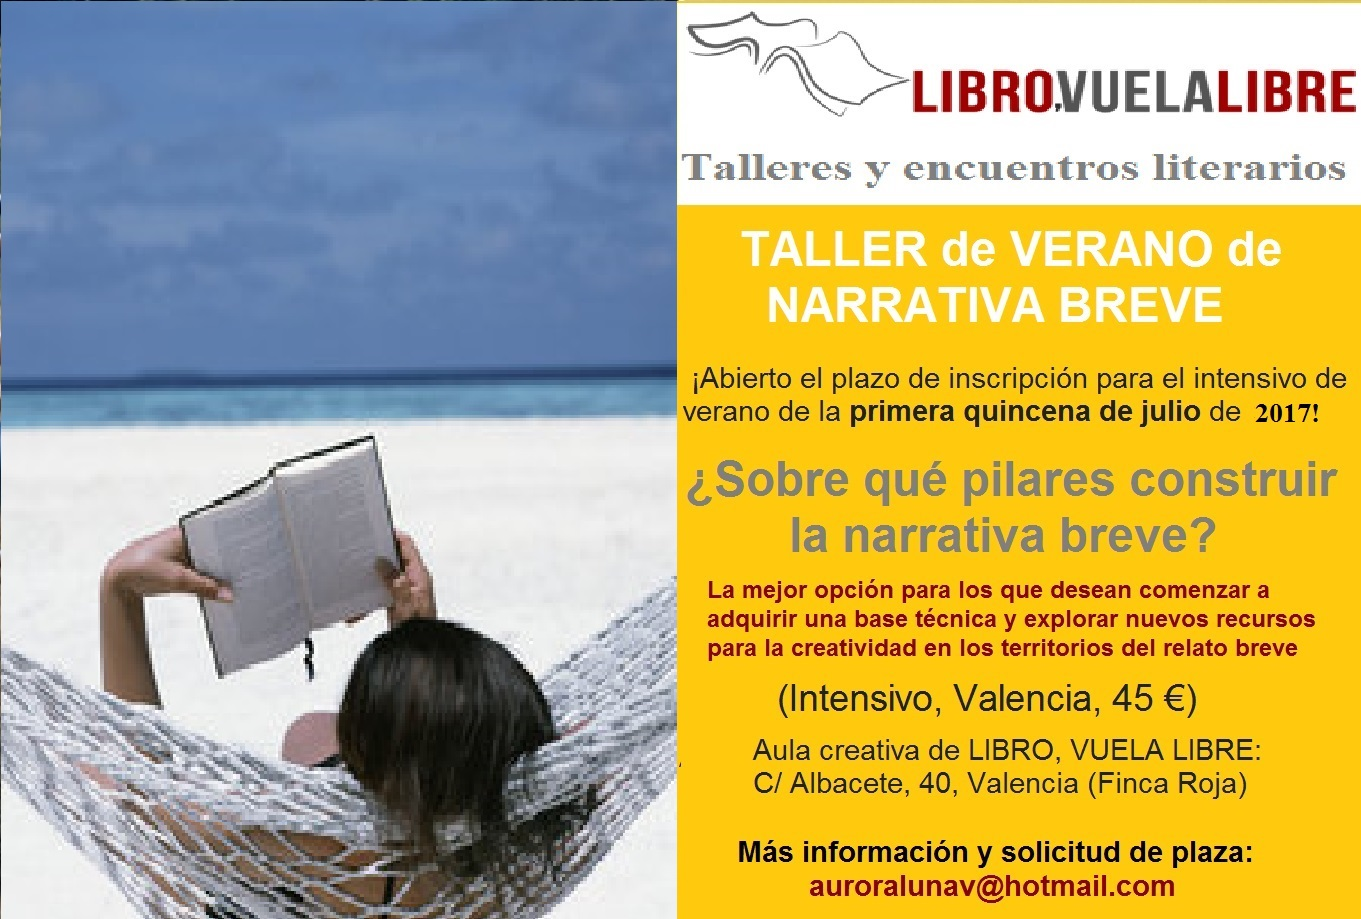 Encuentros y cursos de verano en Valencia de LIBRO, VUELA LIBRE. Taller de escritura, clave V-23